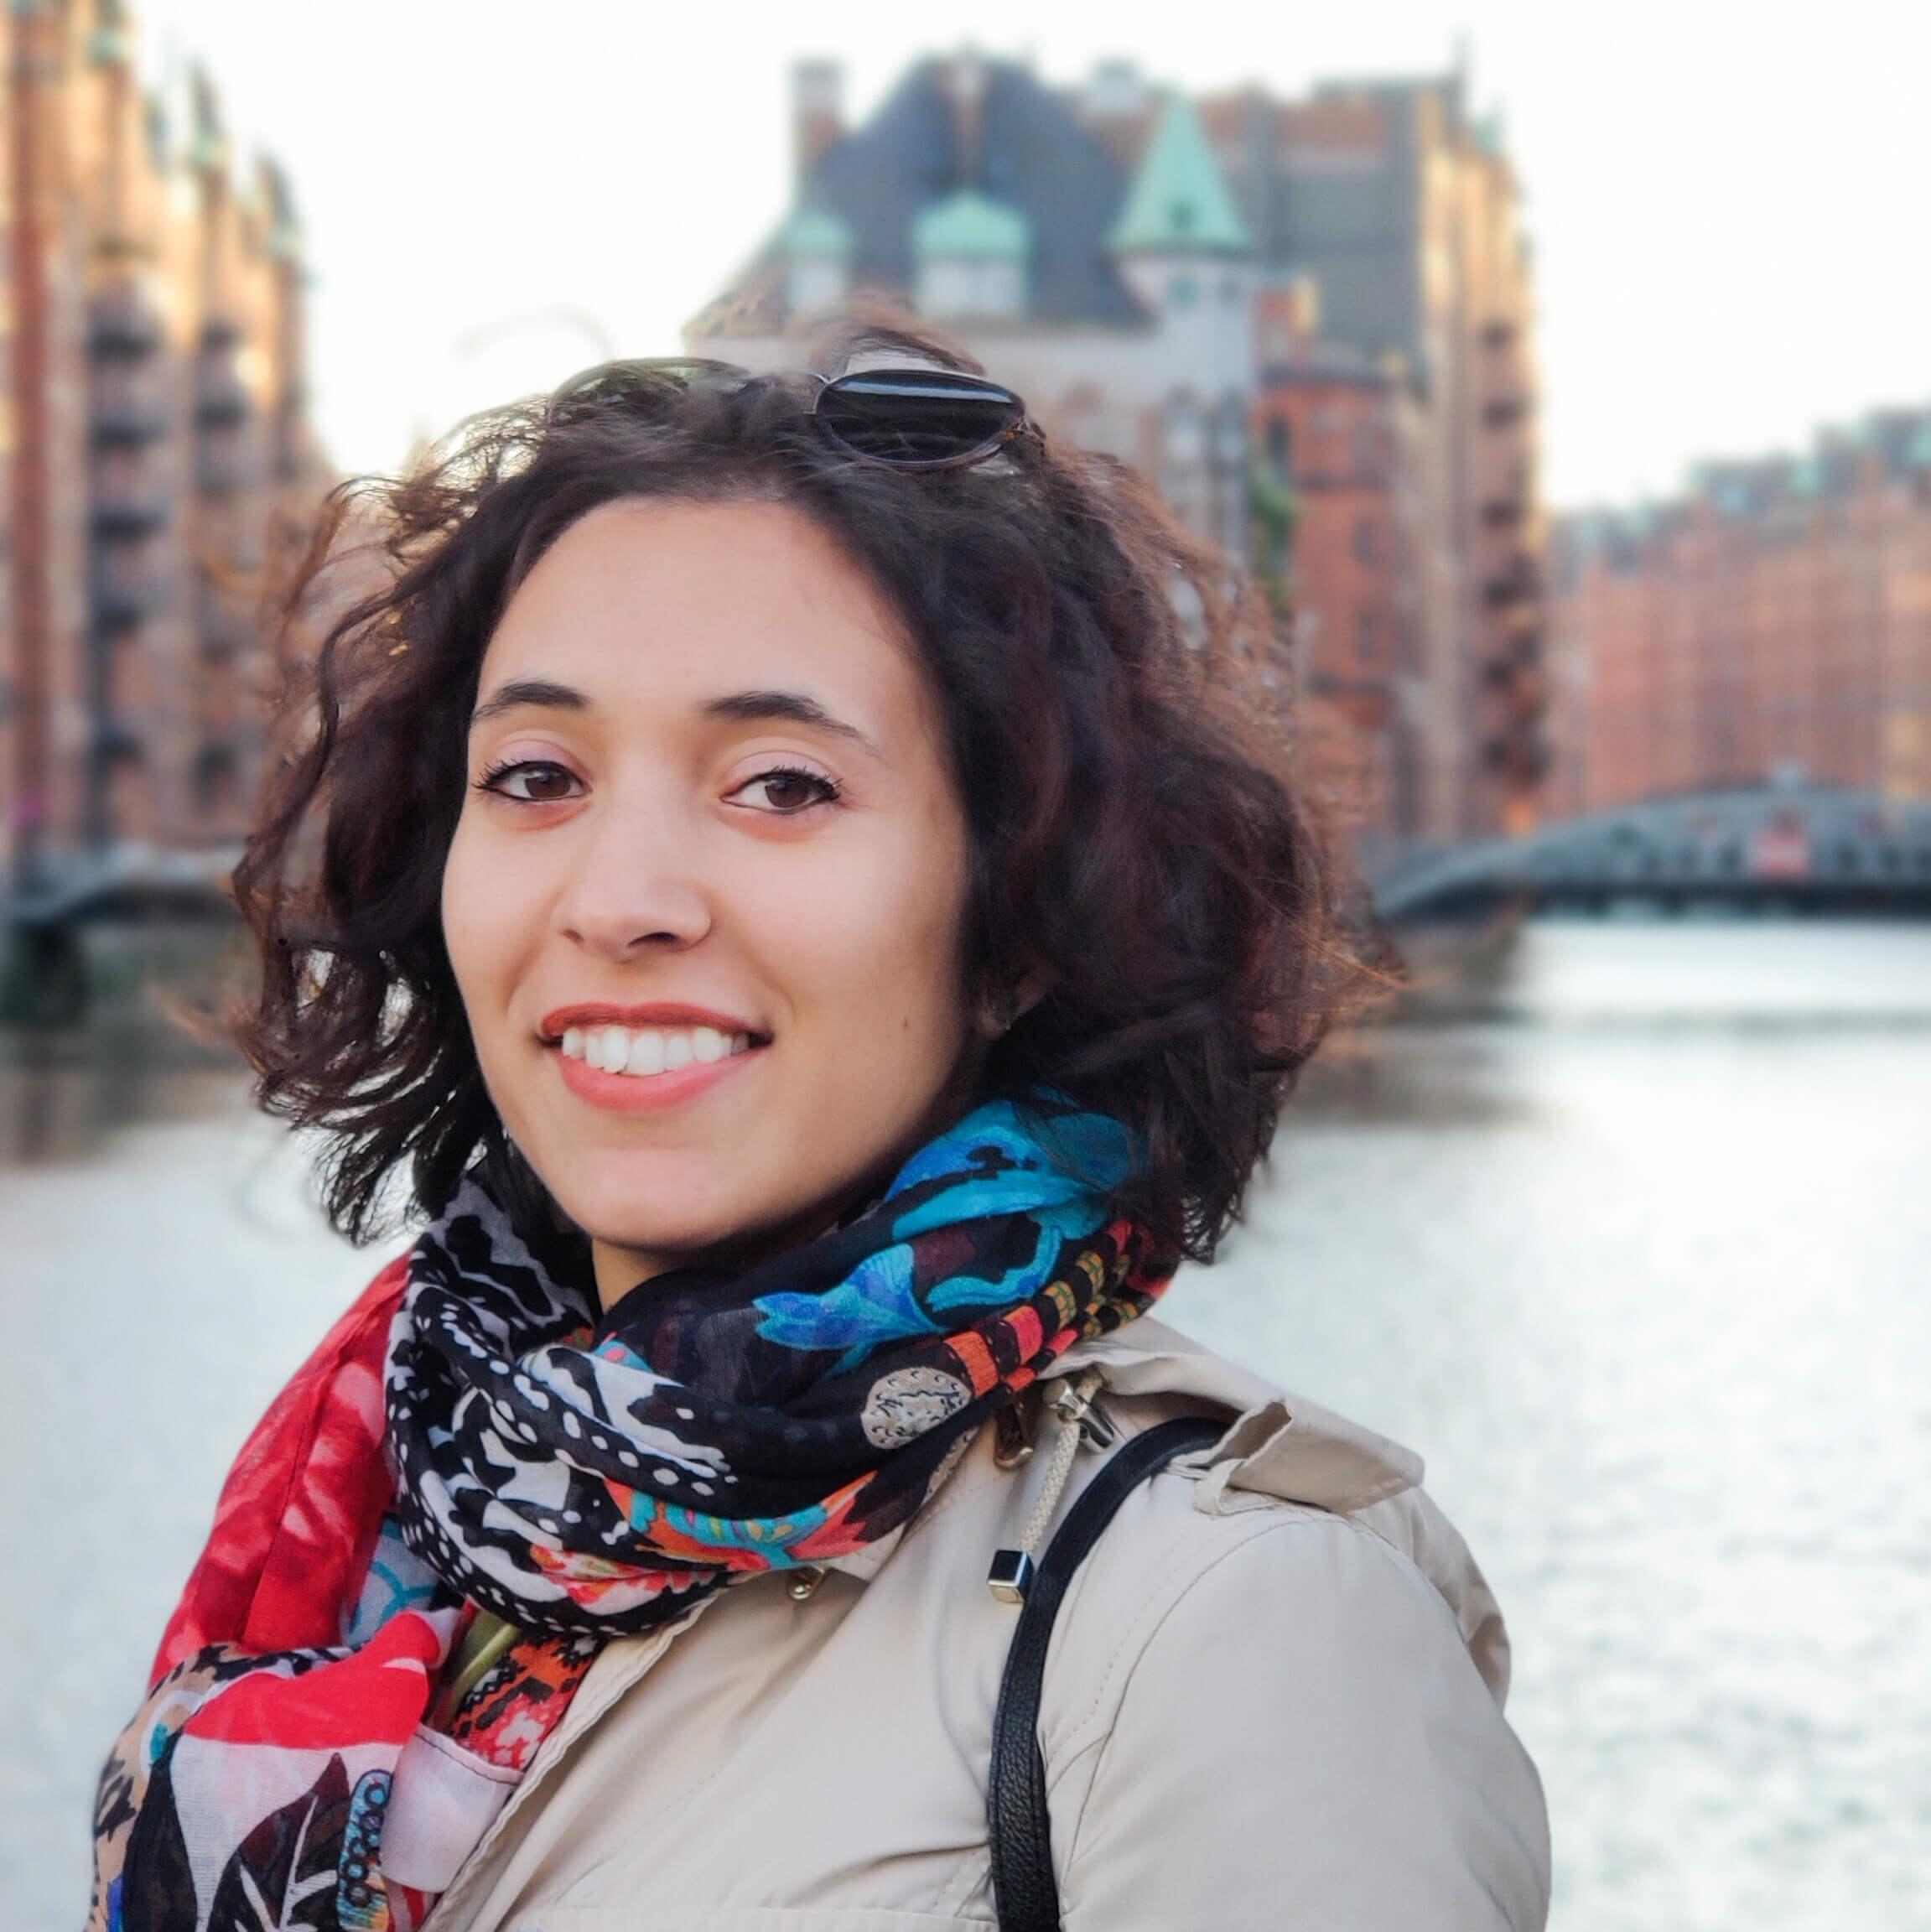 Anna D'Addario